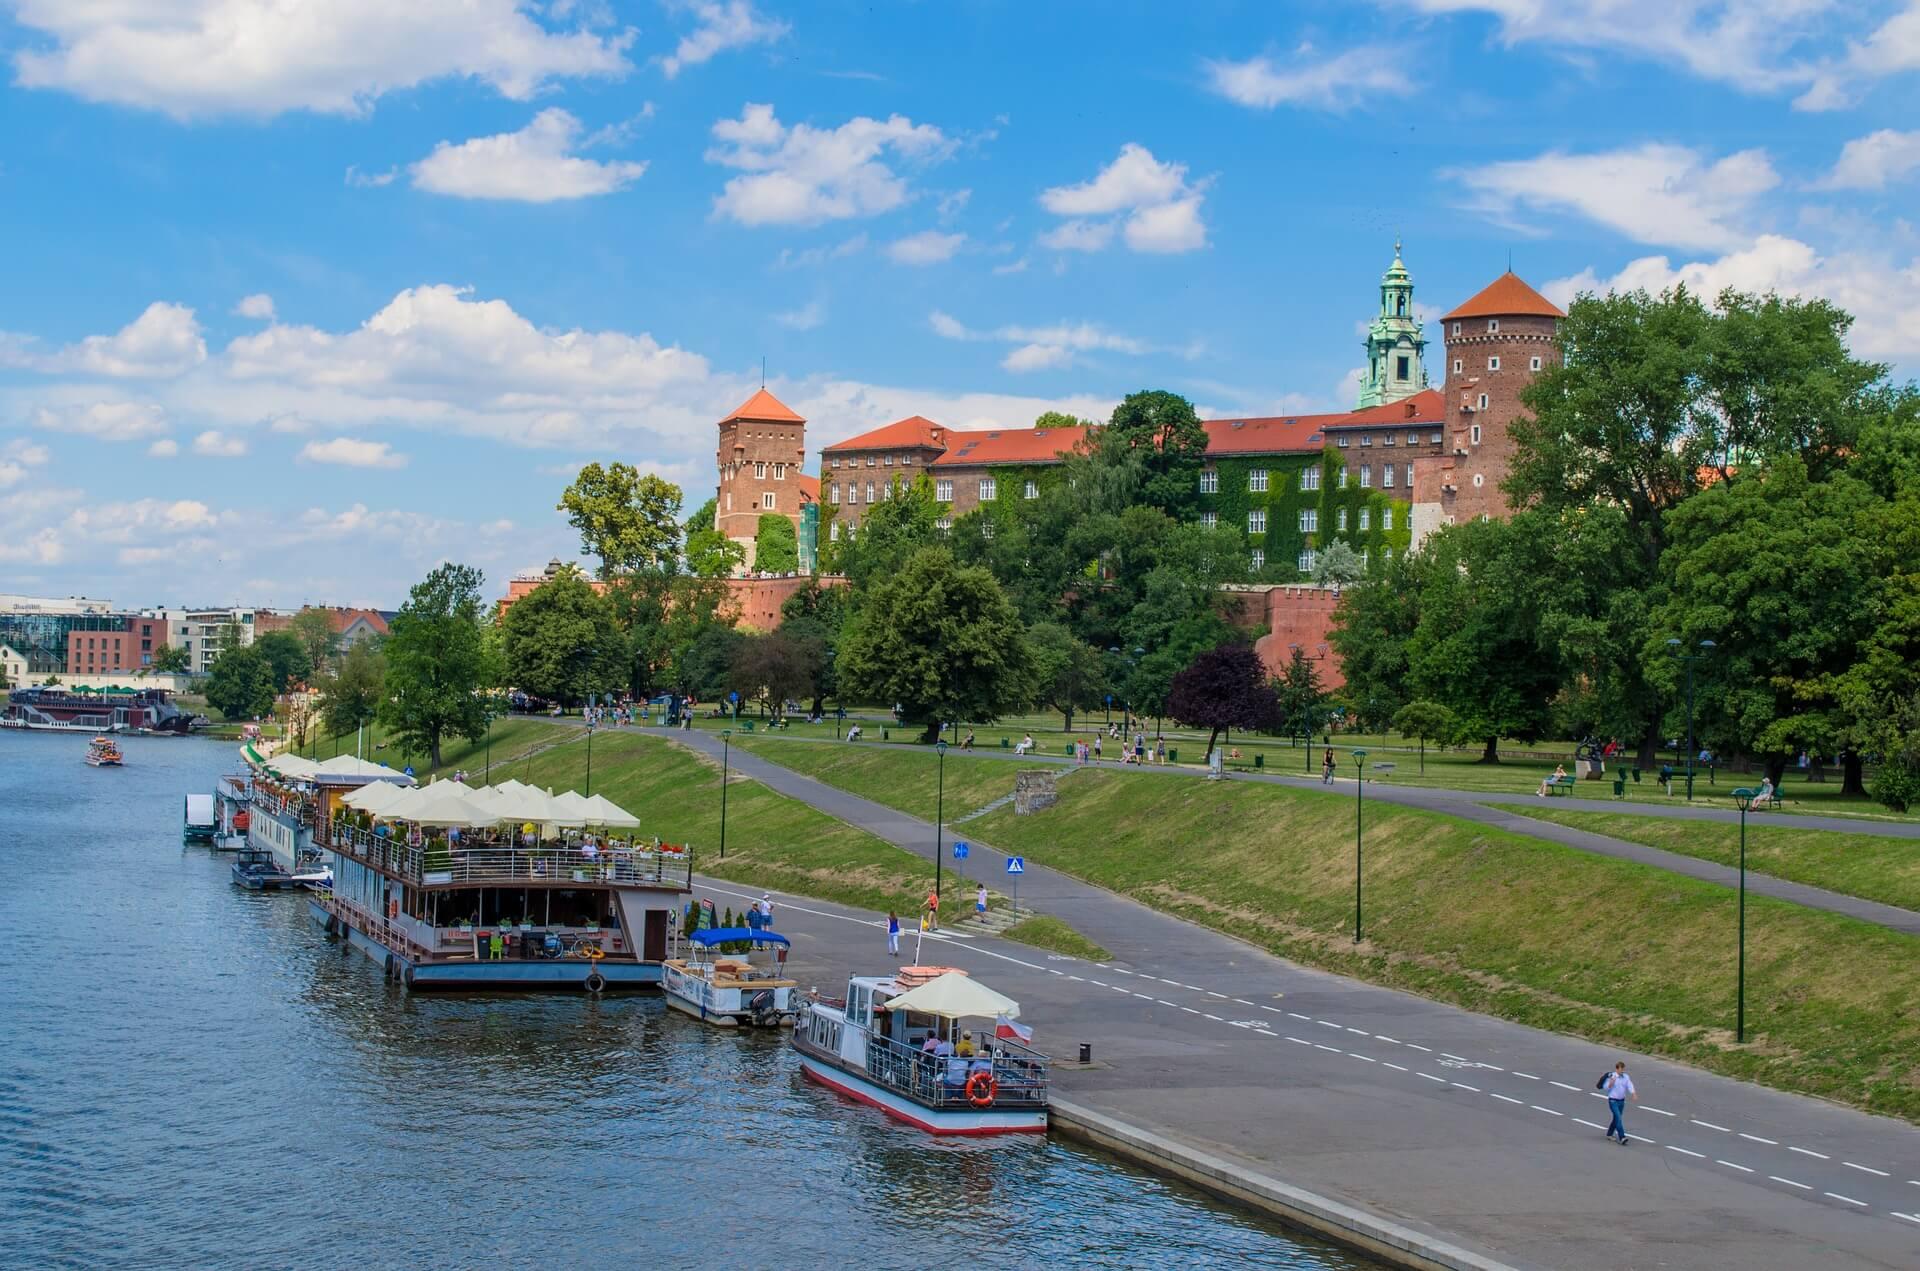 Direktflüge und Billigflüge ab München nach Krakau